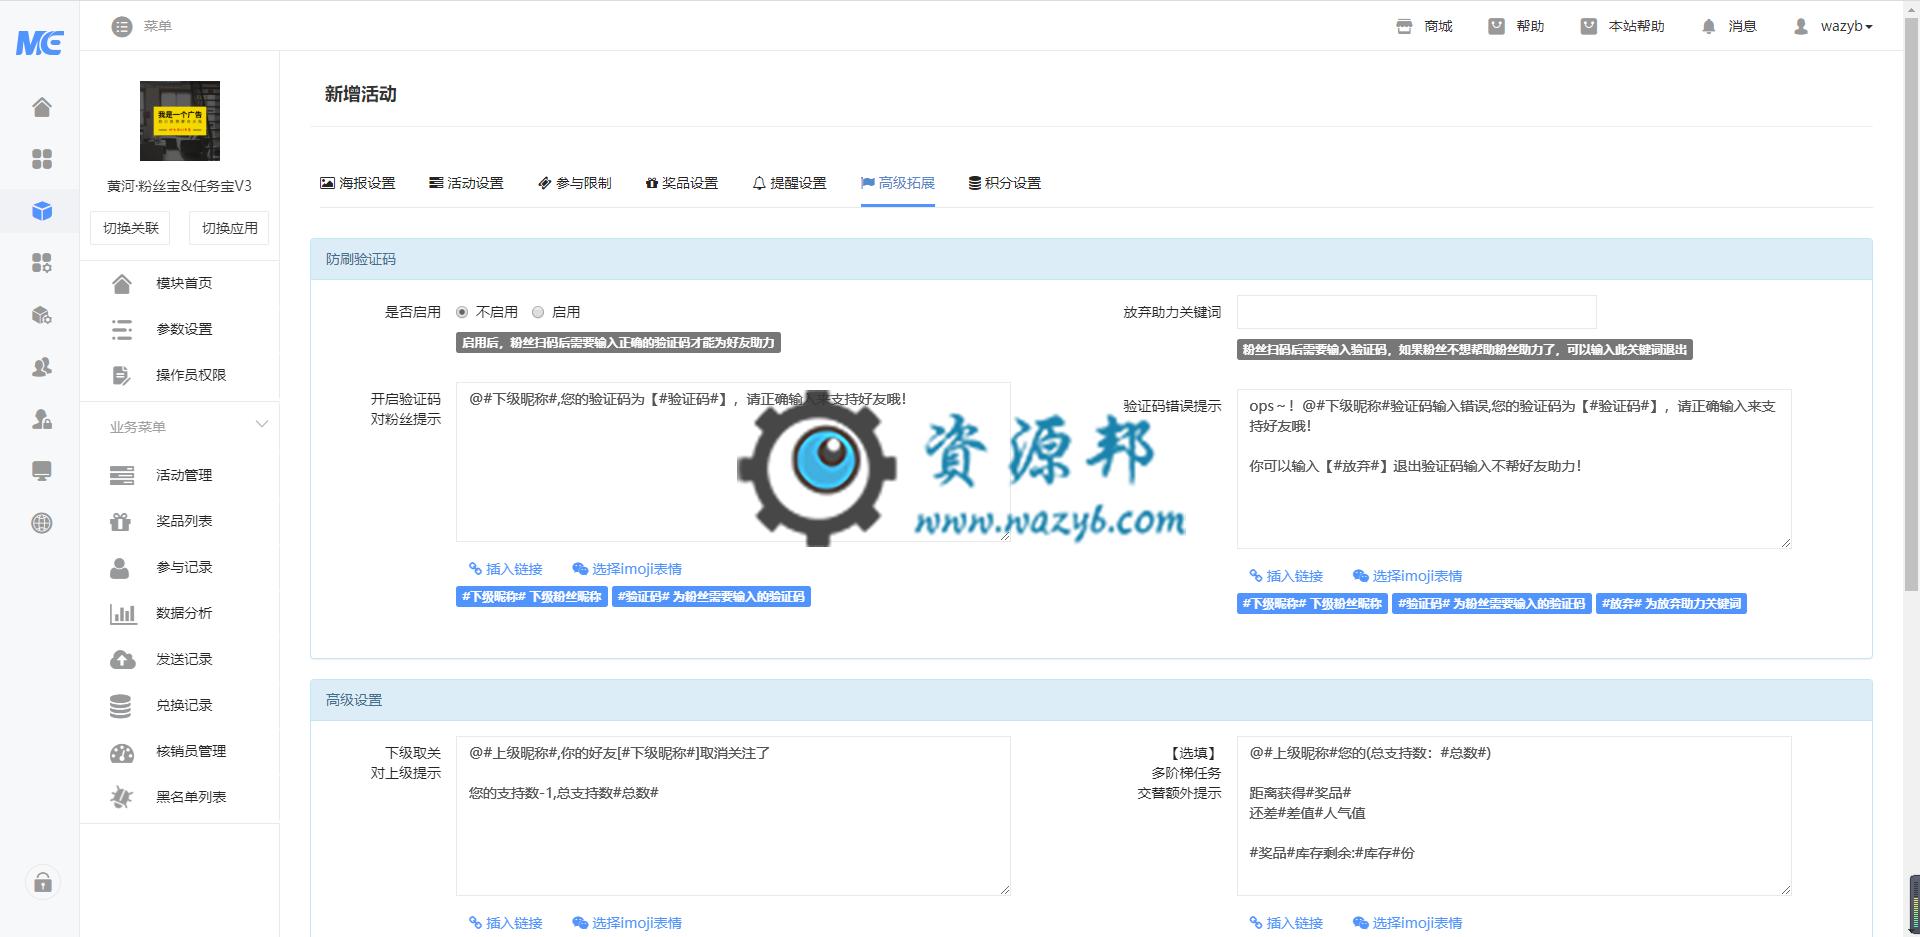 【公众号应用】黄河粉丝宝任务宝V3_1.4.0完整最终安装包 公众号应用 第3张